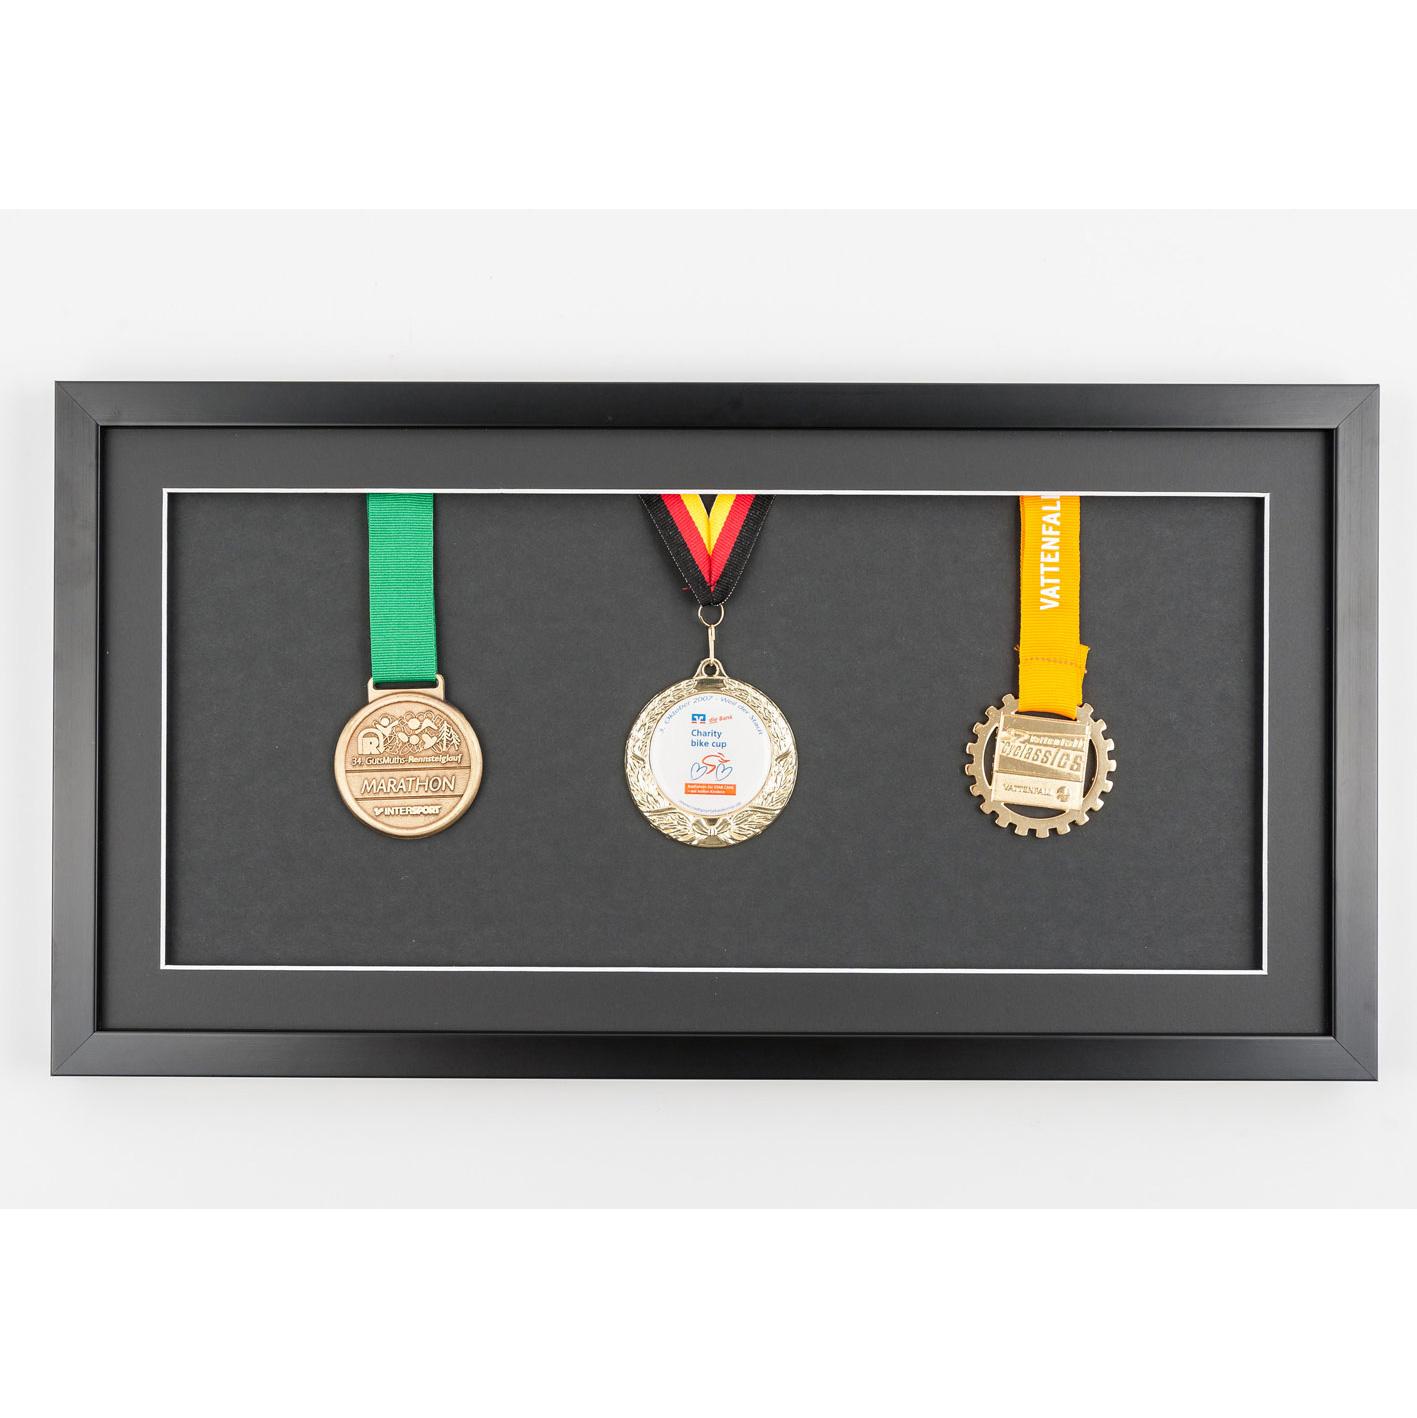 Cadre pour médailles 25x50 cm, noir